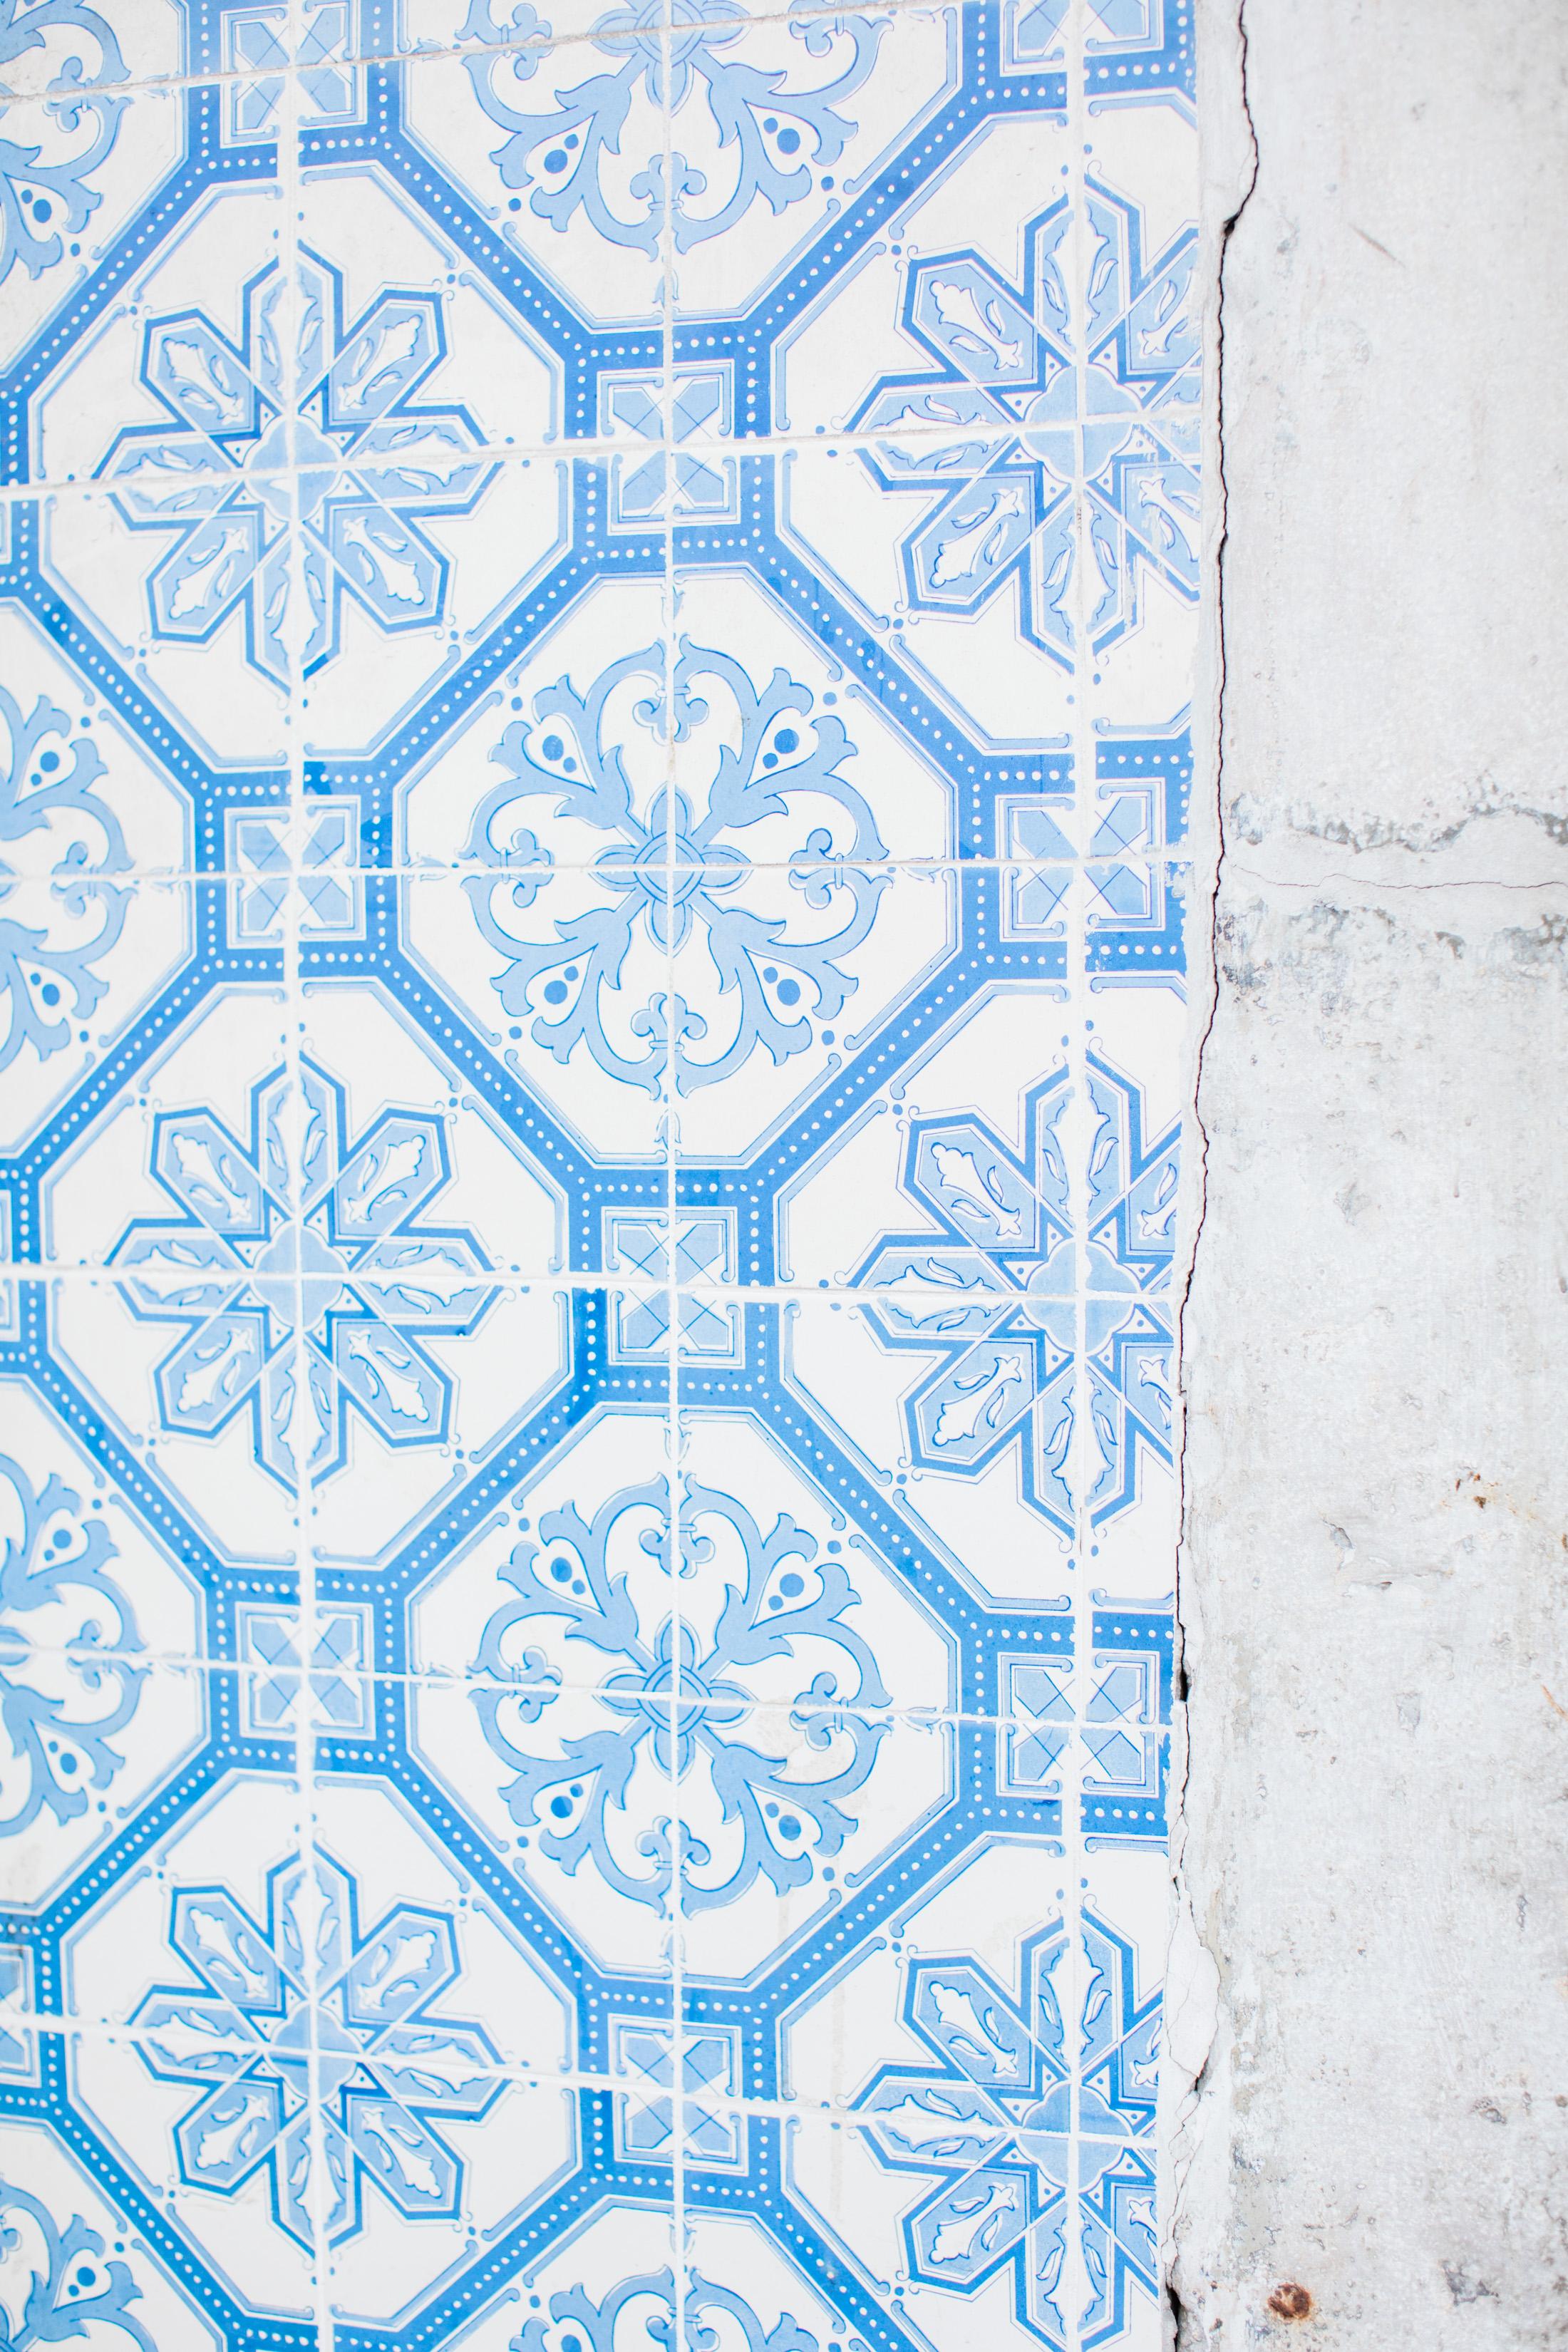 LisbonPortugal_August2018-9.jpg